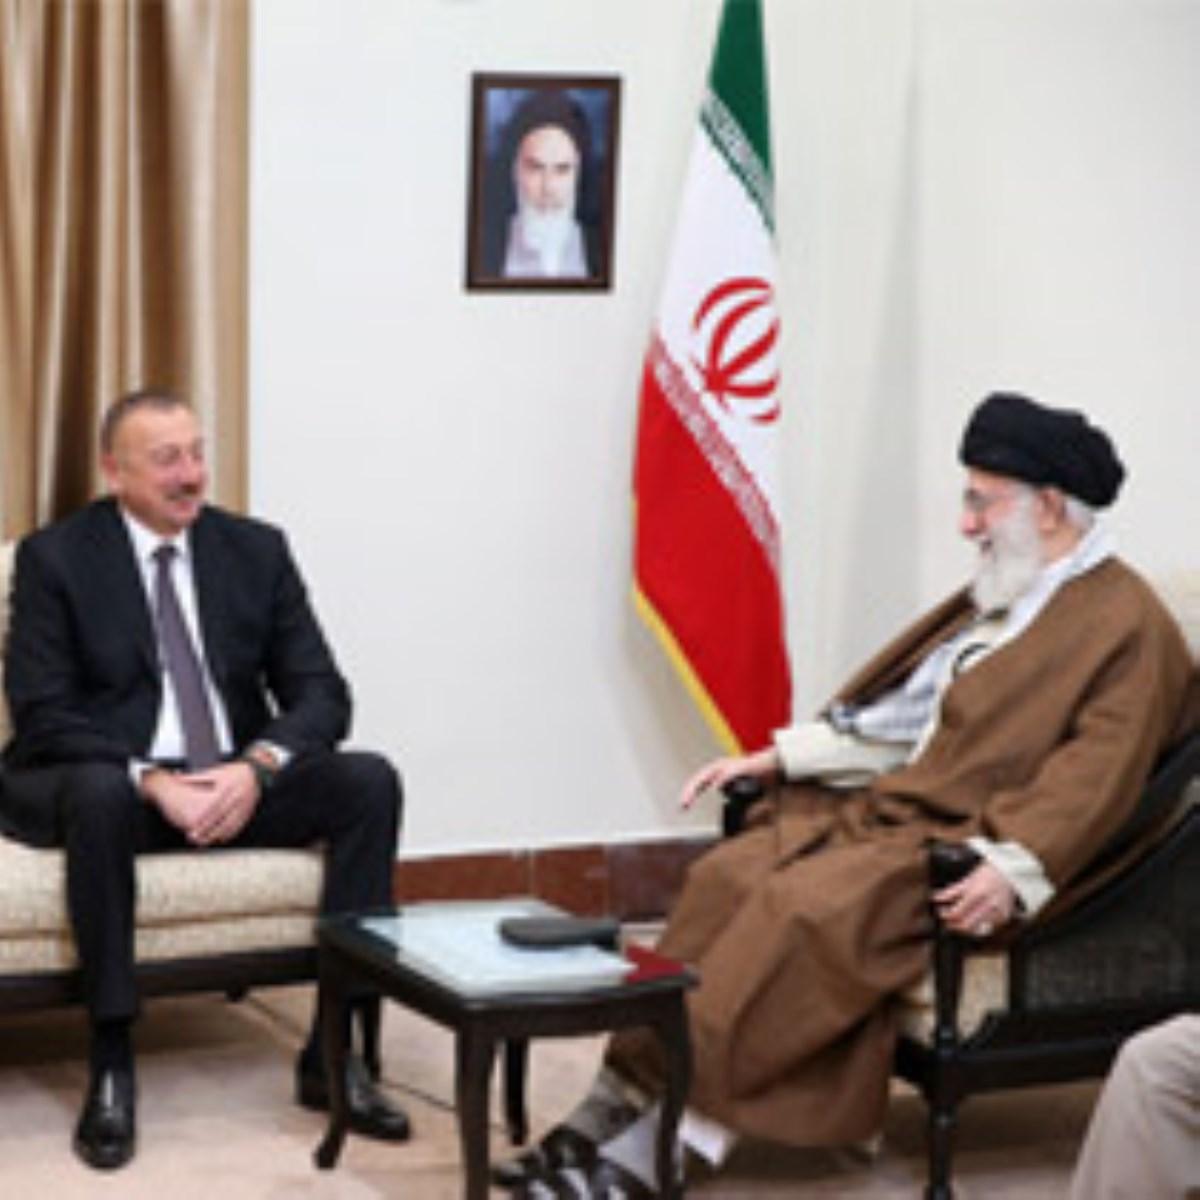 گزارش تصویری / دیدار رئیس جمهوری آذربایجان با رهبر انقلاب